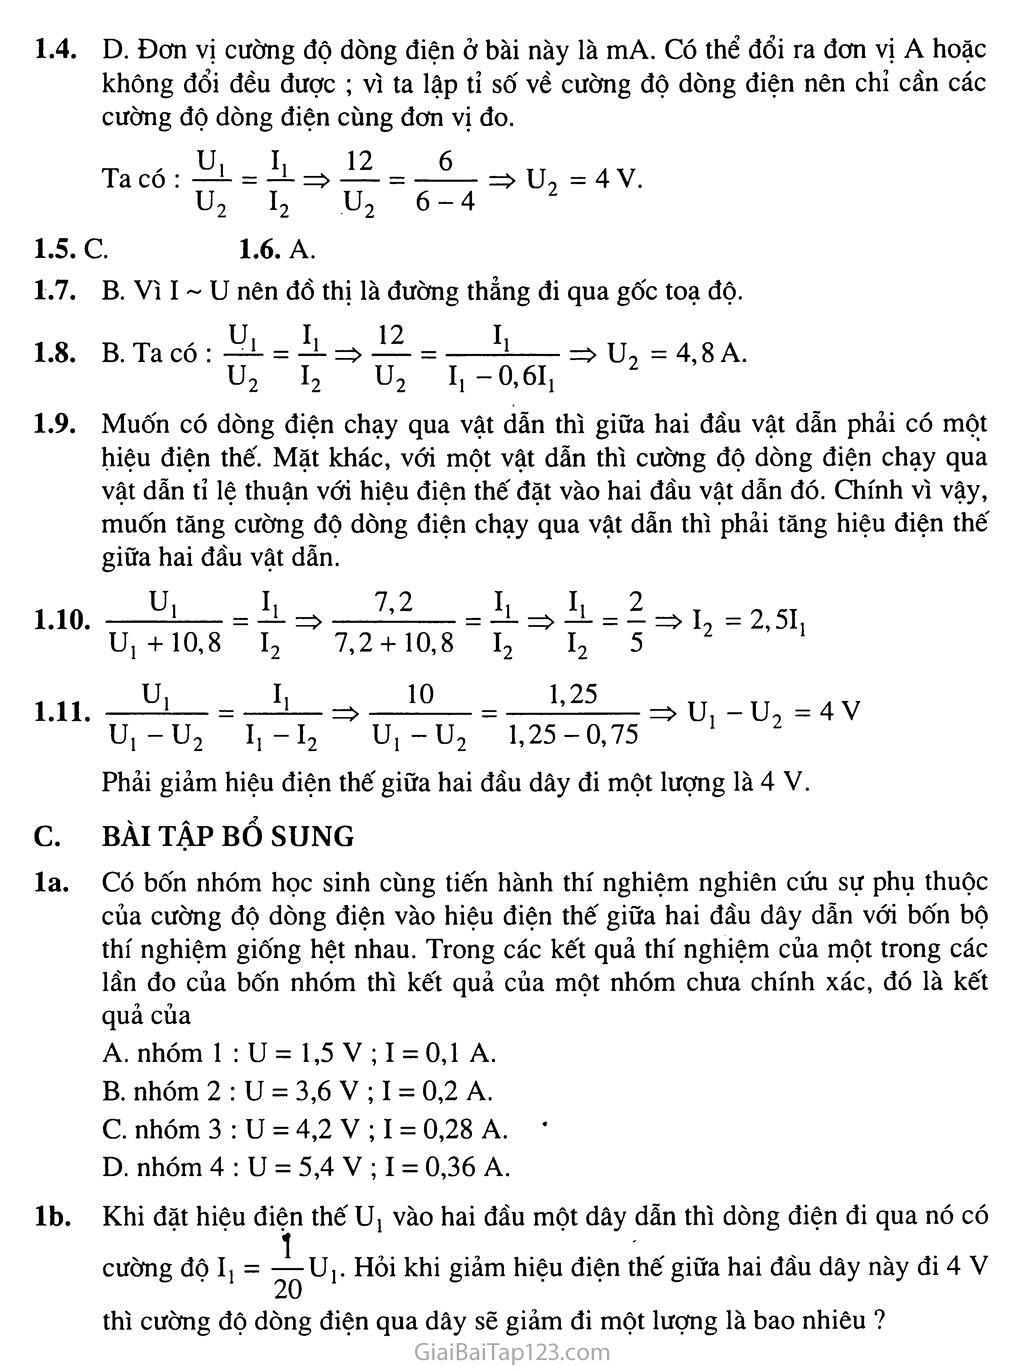 Bài 1: Sự phụ thuộc của cường độ dòng điện vào hiện điện thế giữa hai đầu dây dẫn trang 3